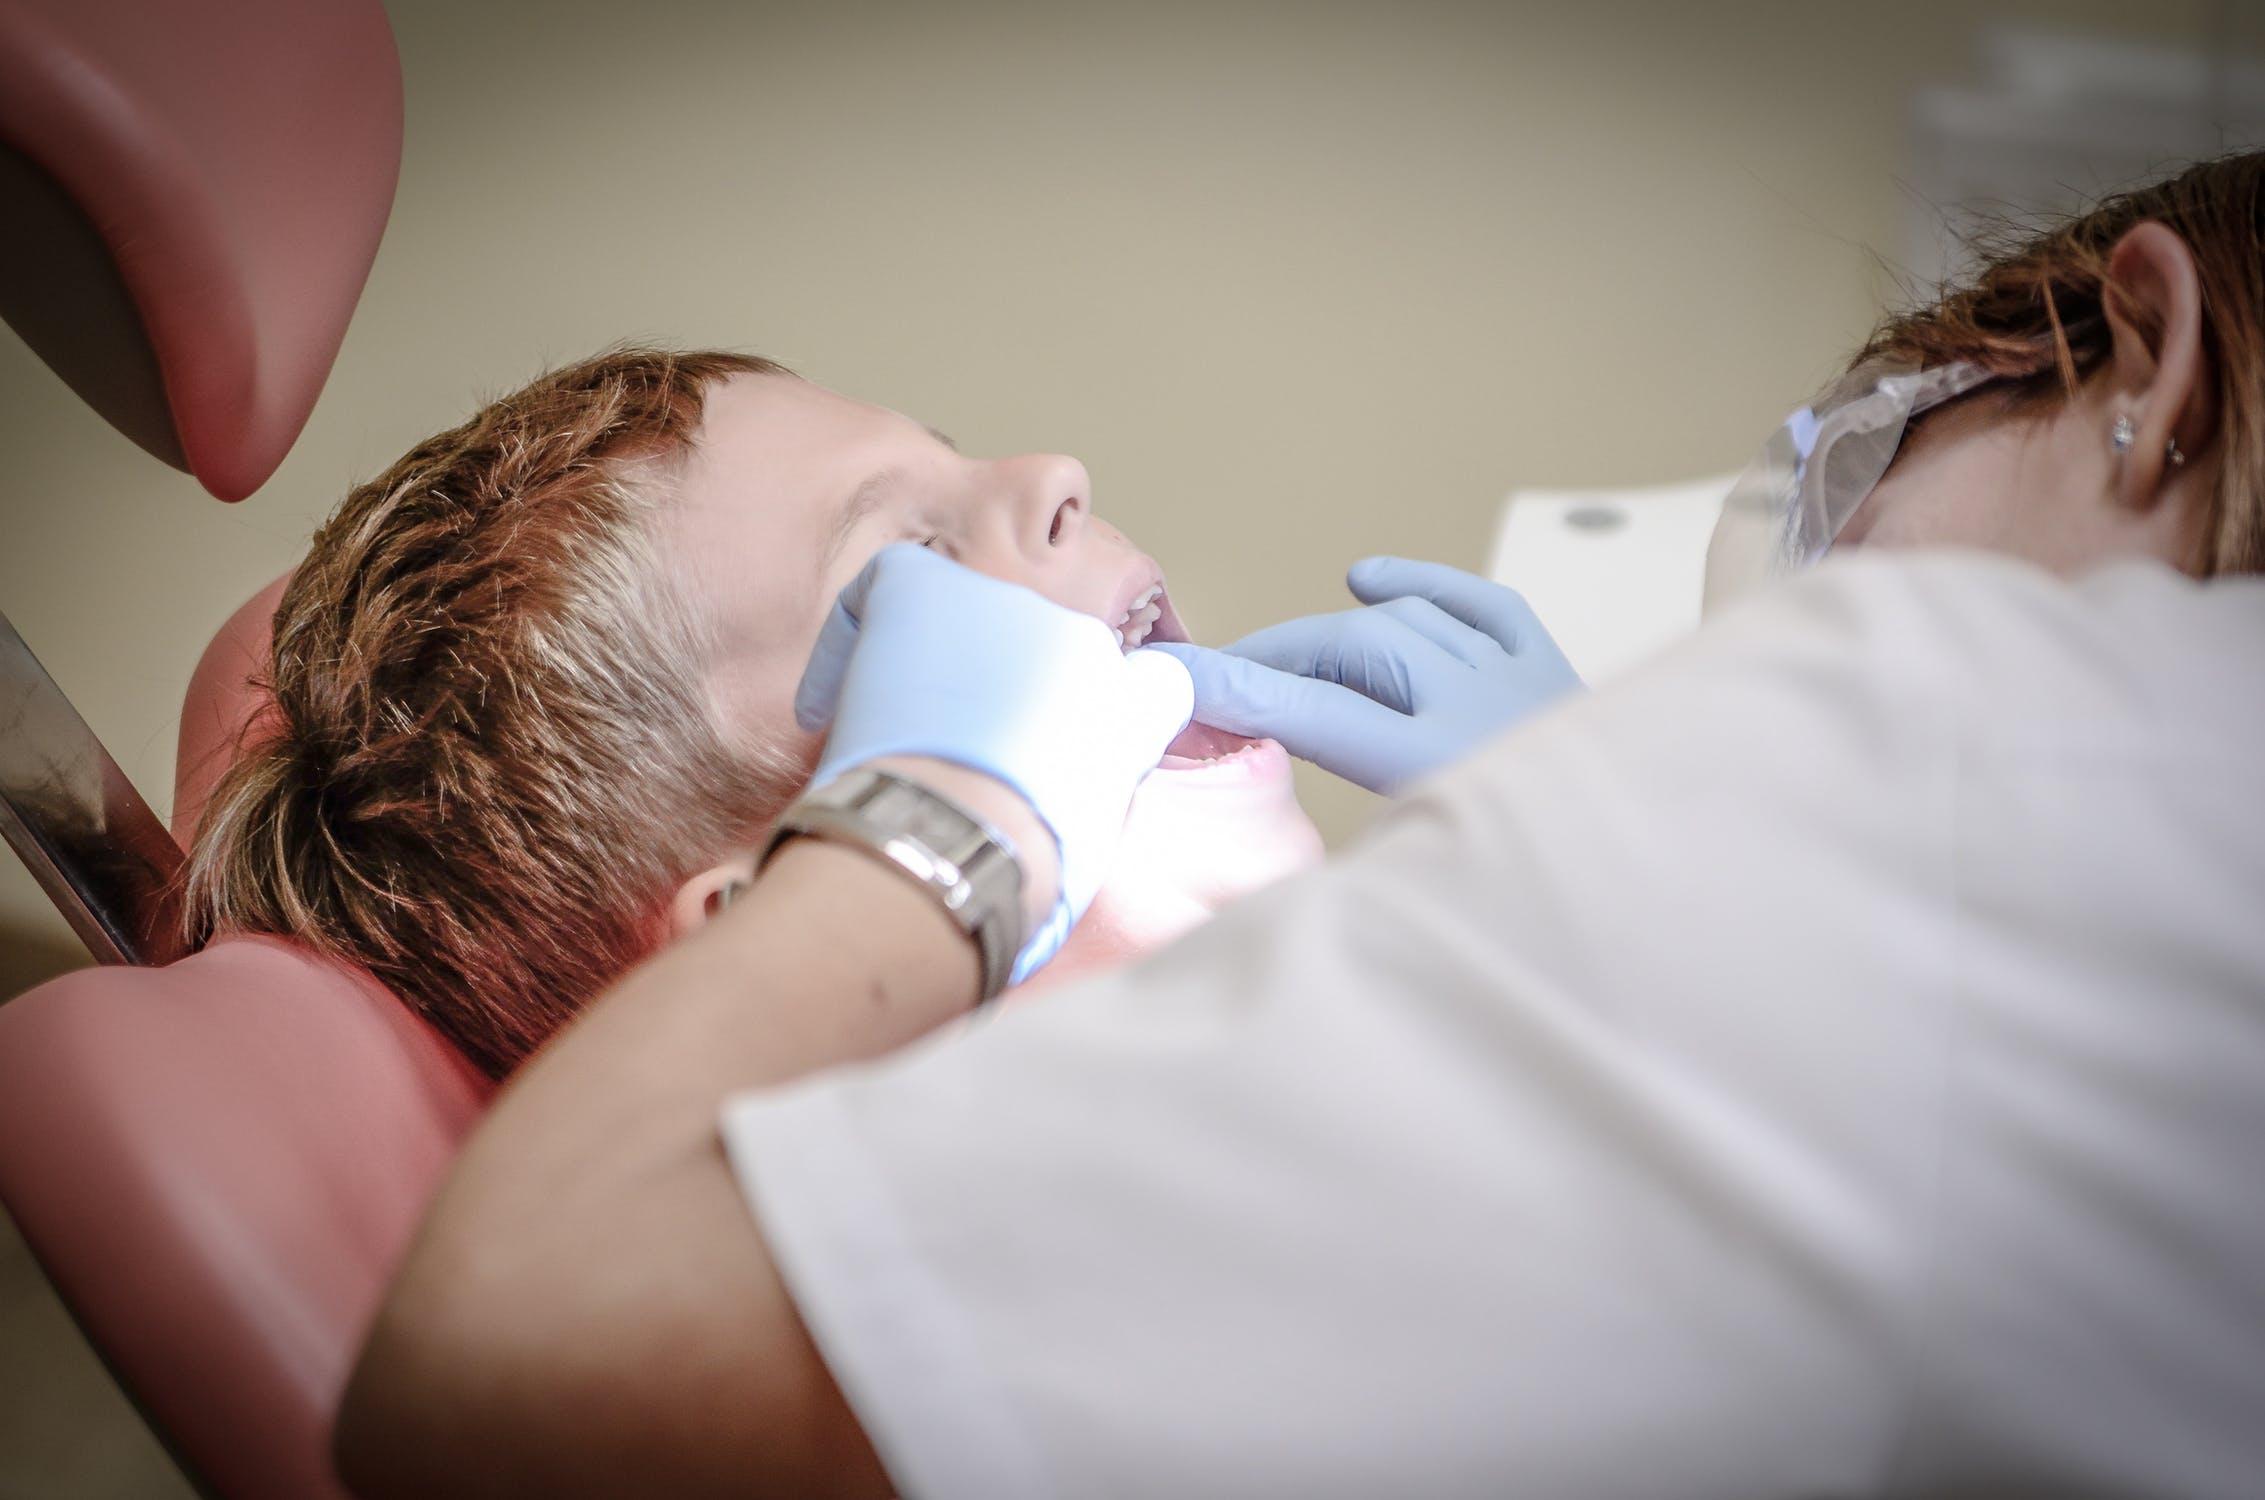 אילו סוגי שתלים לשיניים קיימים